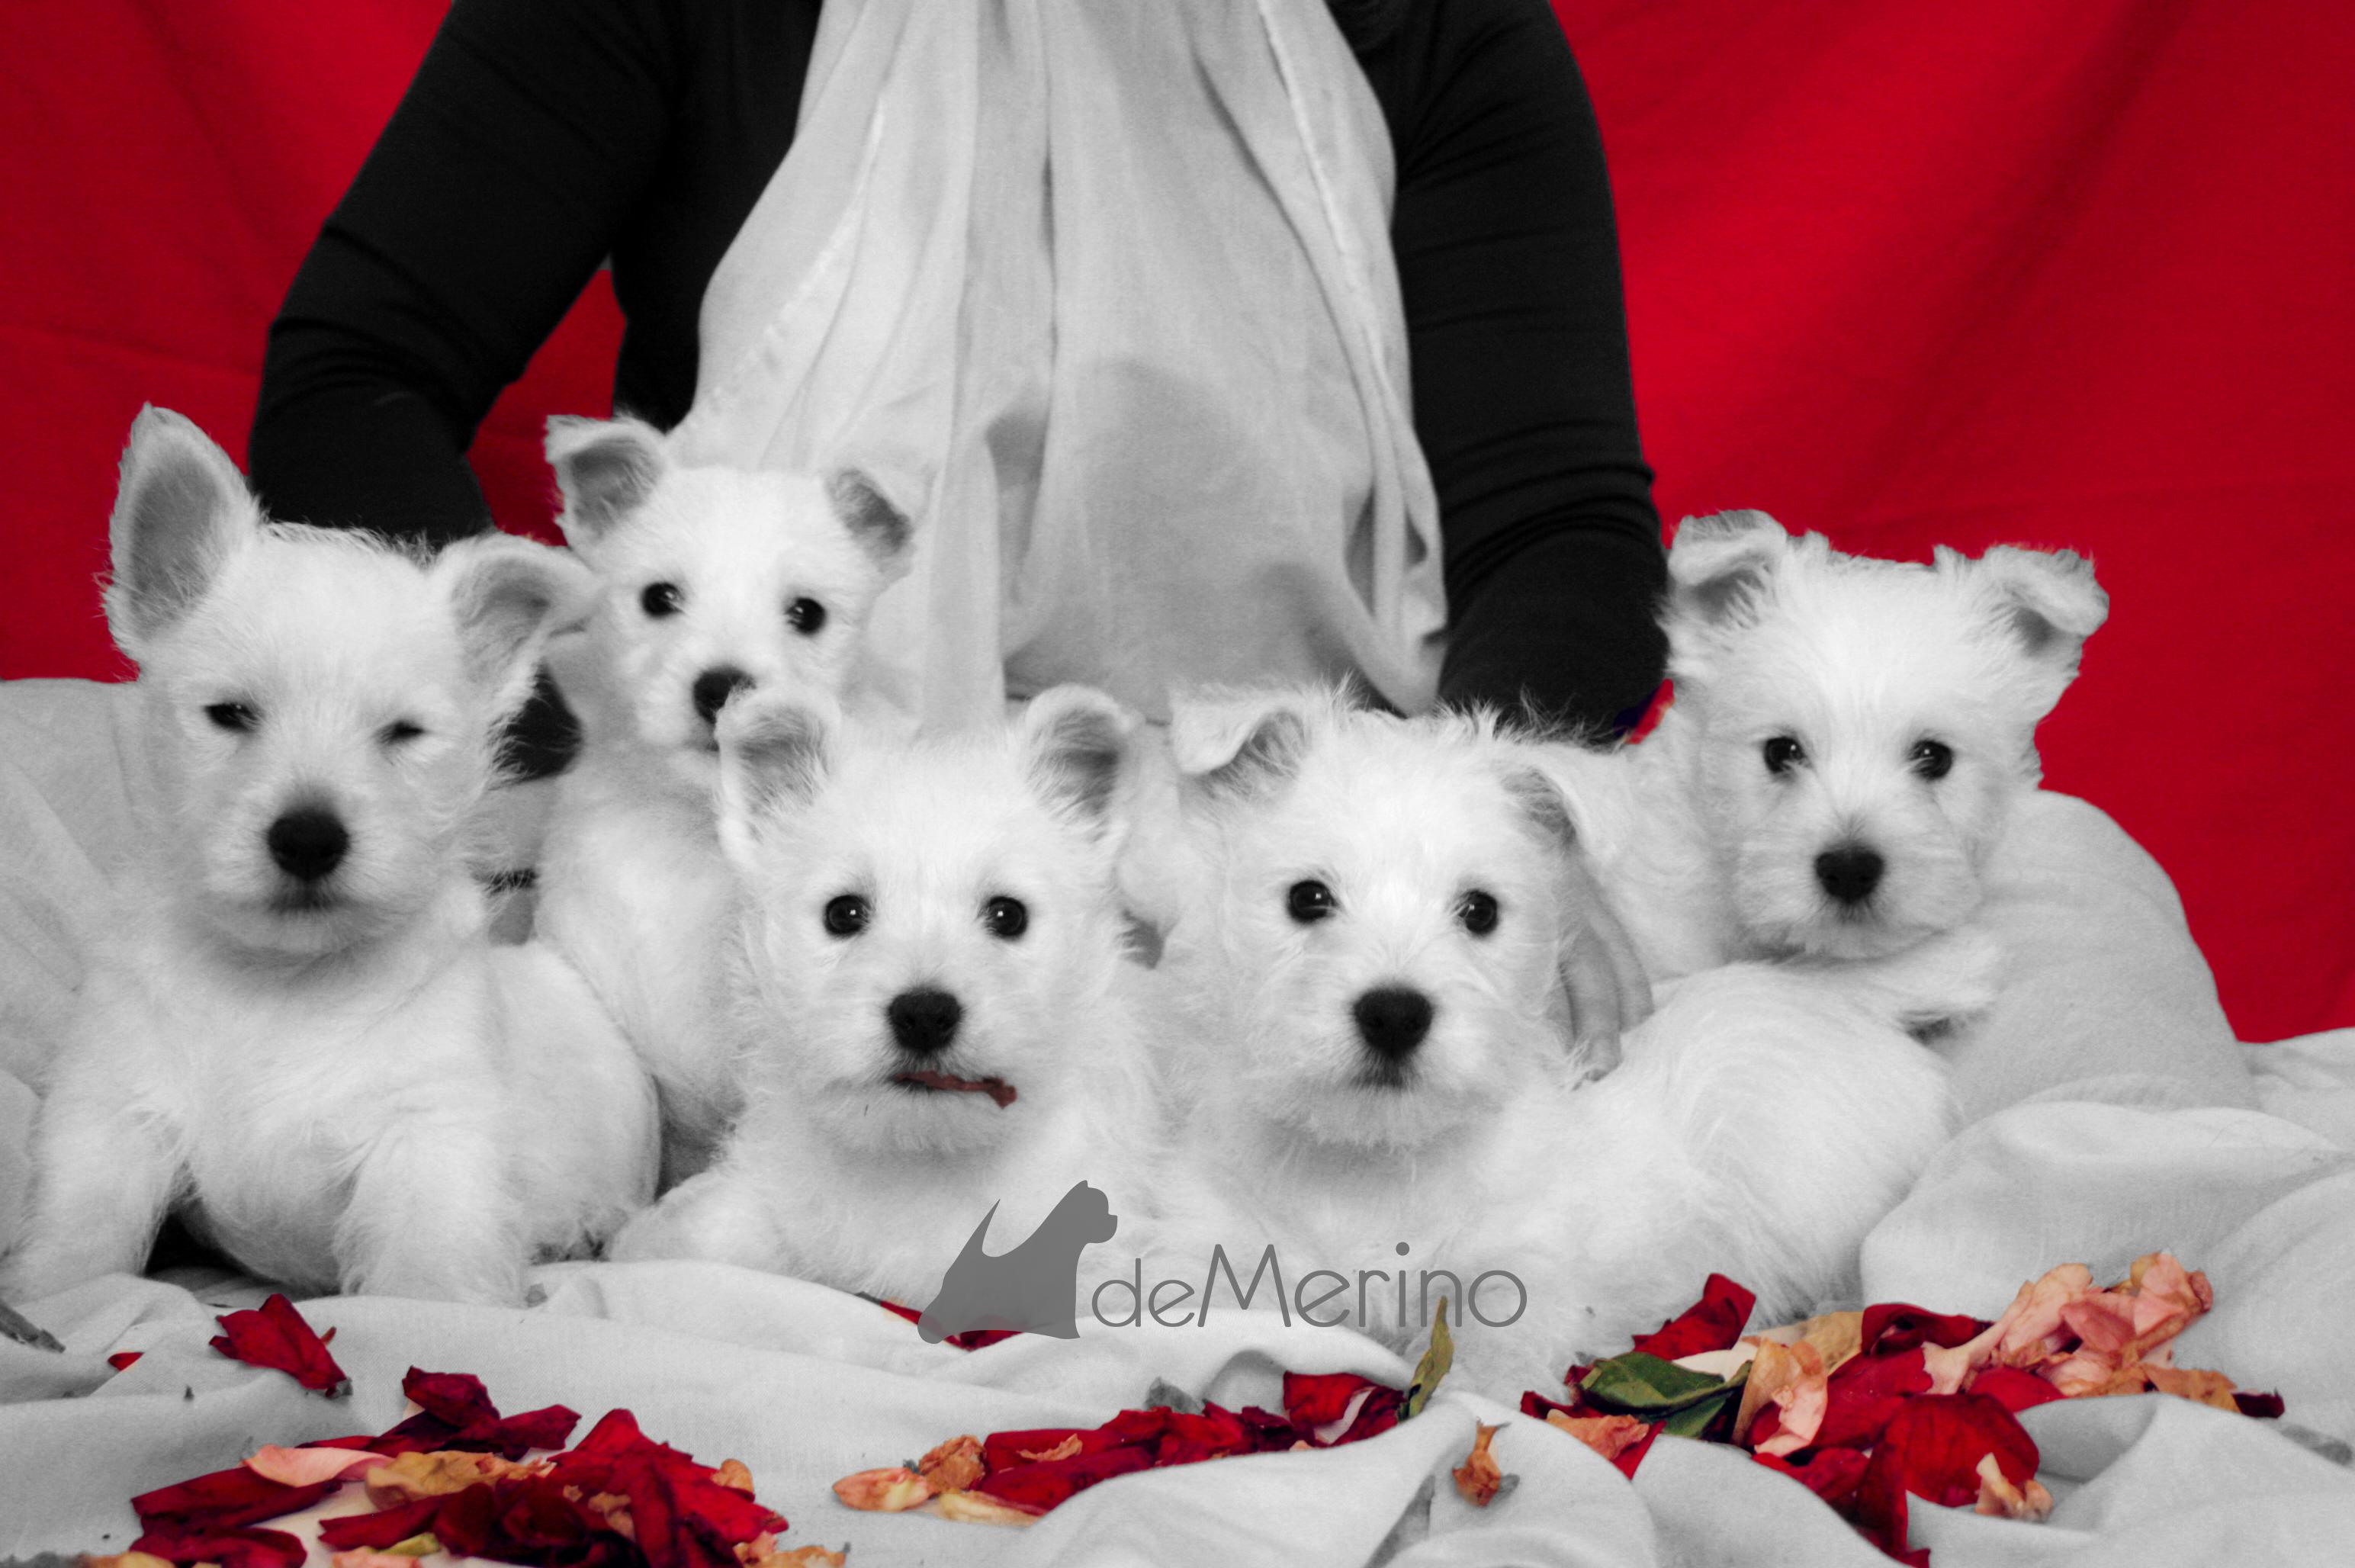 Cachorros de la camada de Vhella Demerino y Only You